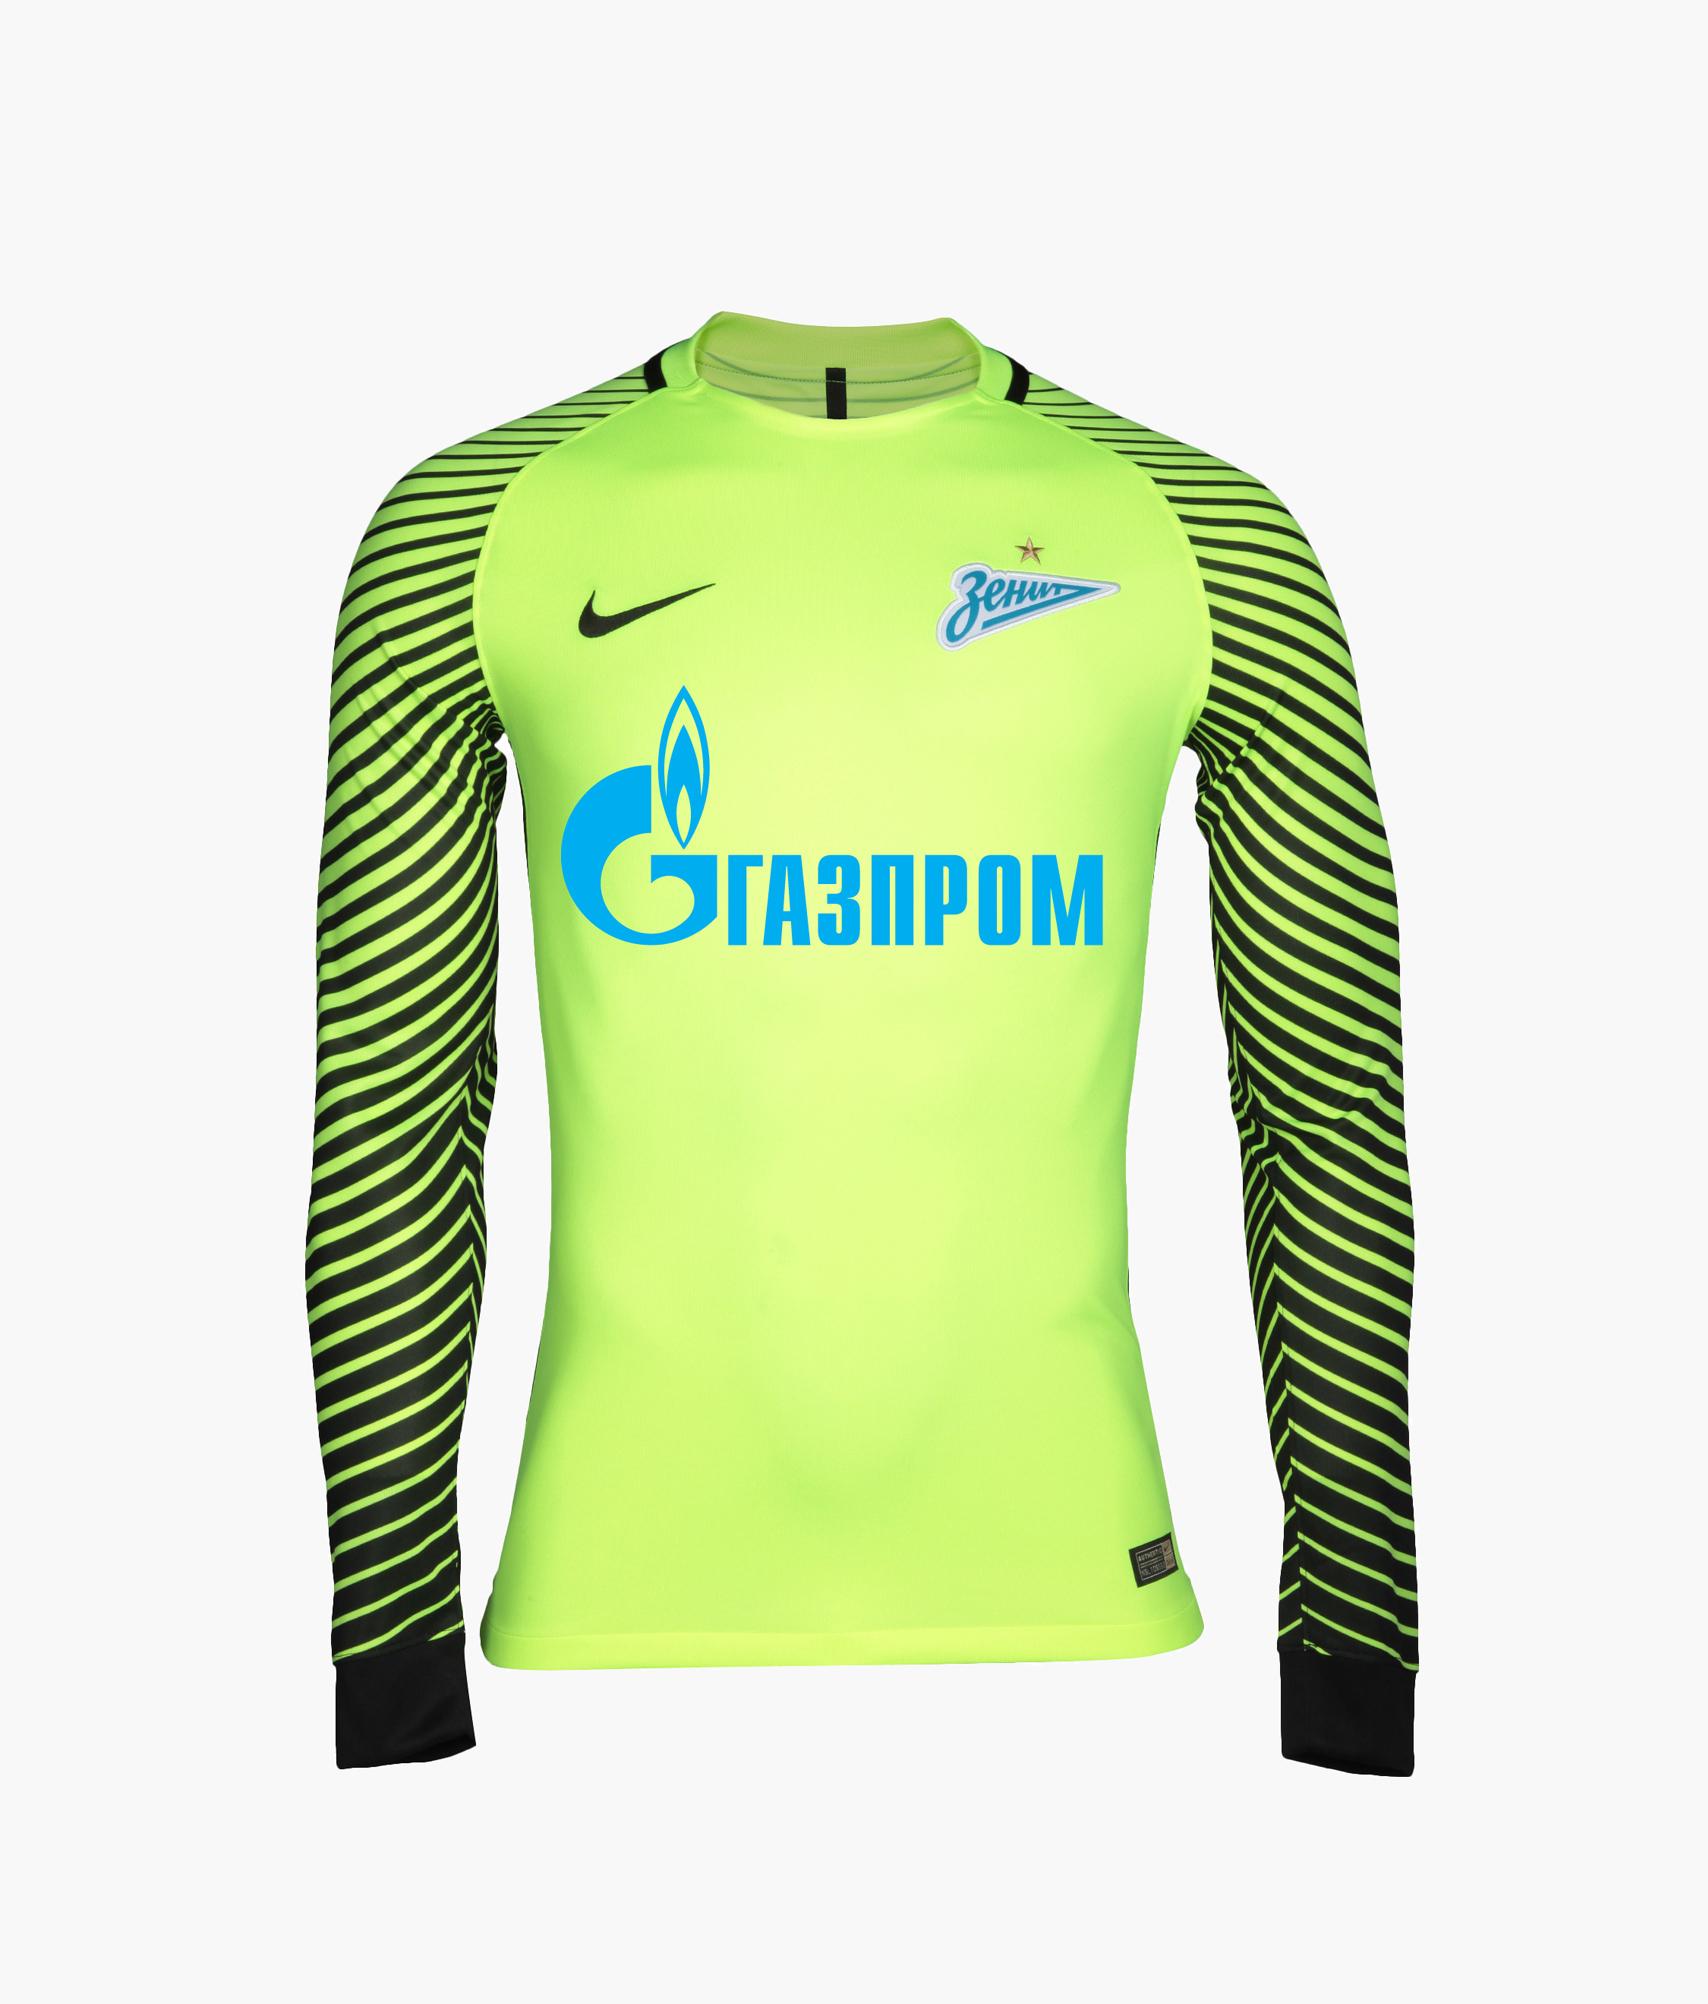 Оригинальная вратарская футболка Nike Nike Цвет-Желтый футболка вратарская подростковая сезона 2018 2019 nike цвет желтый